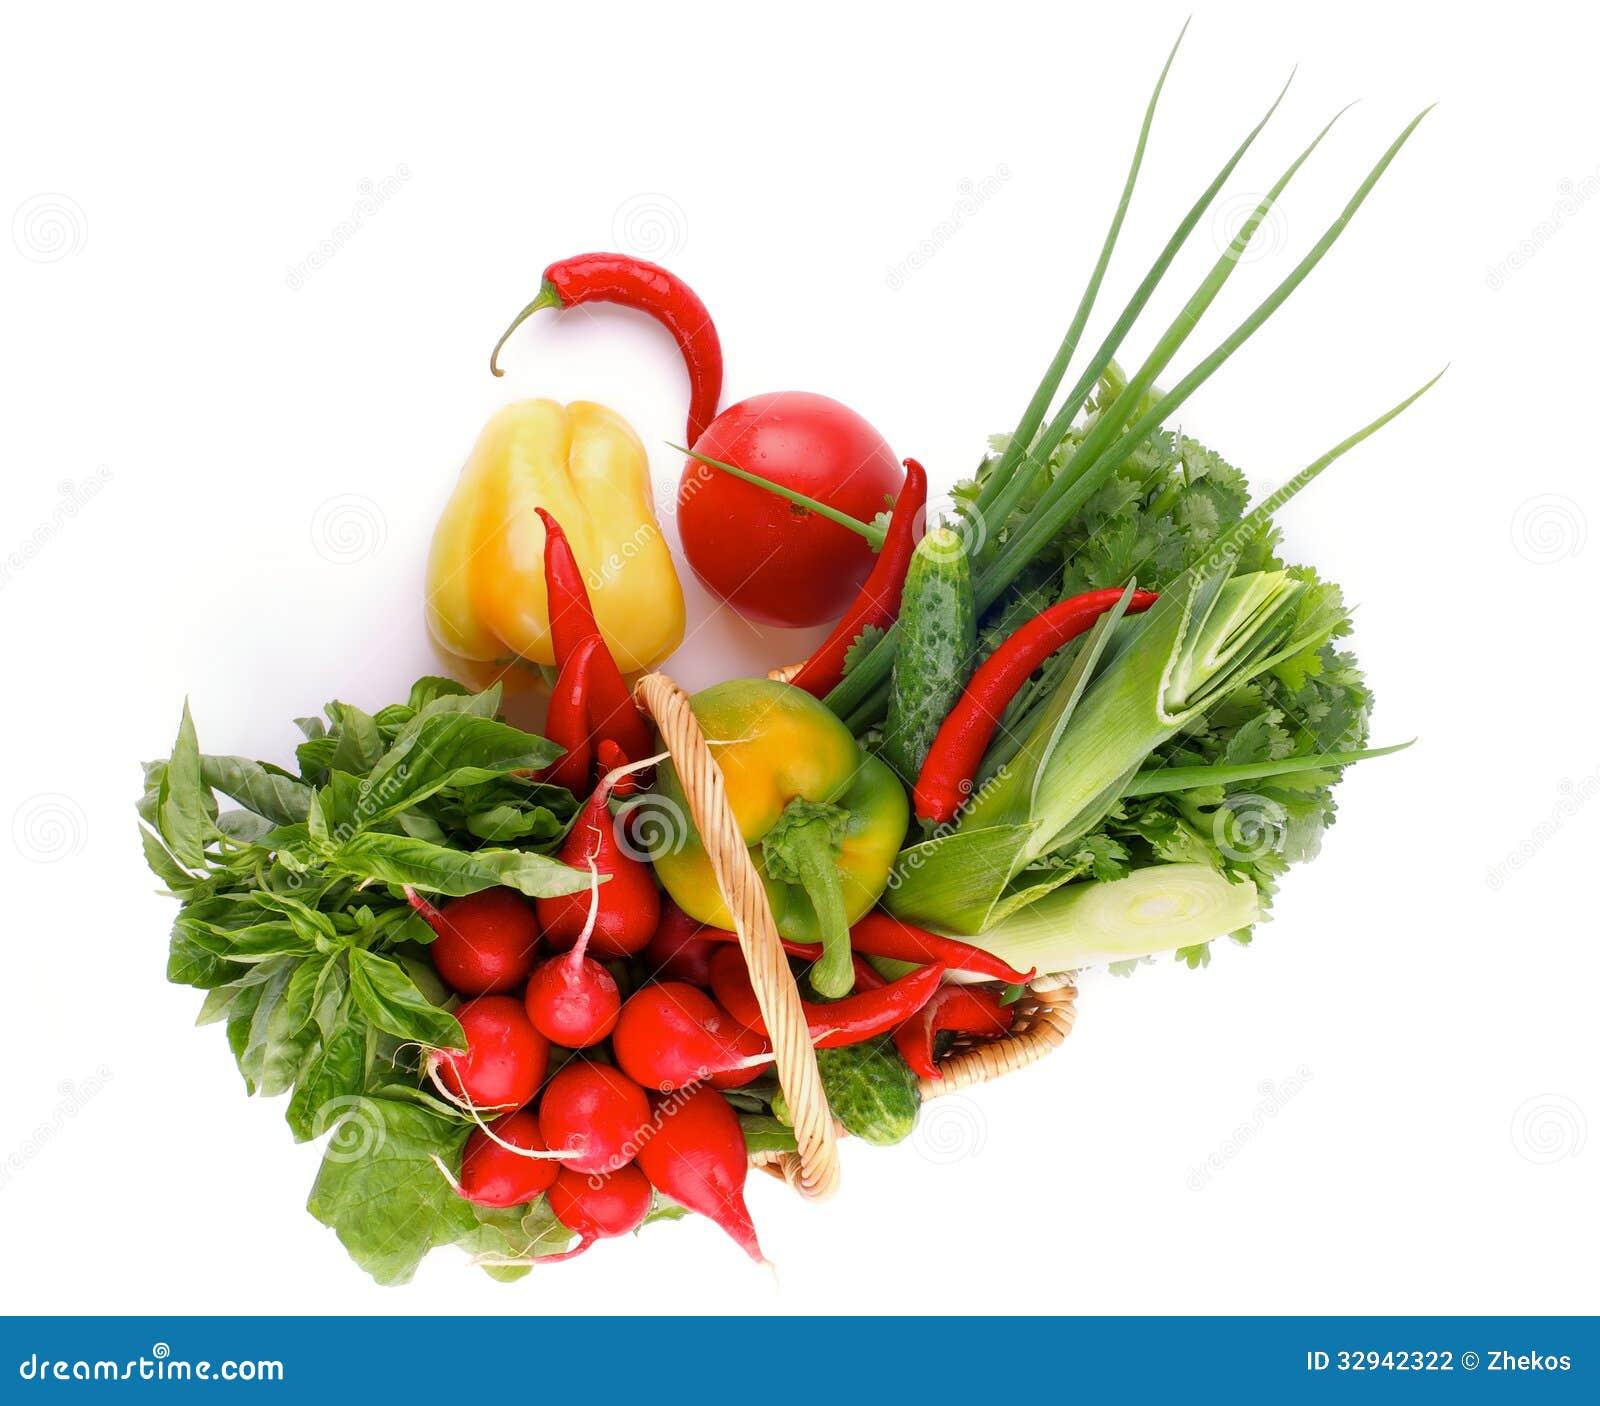 Vegetable корзина